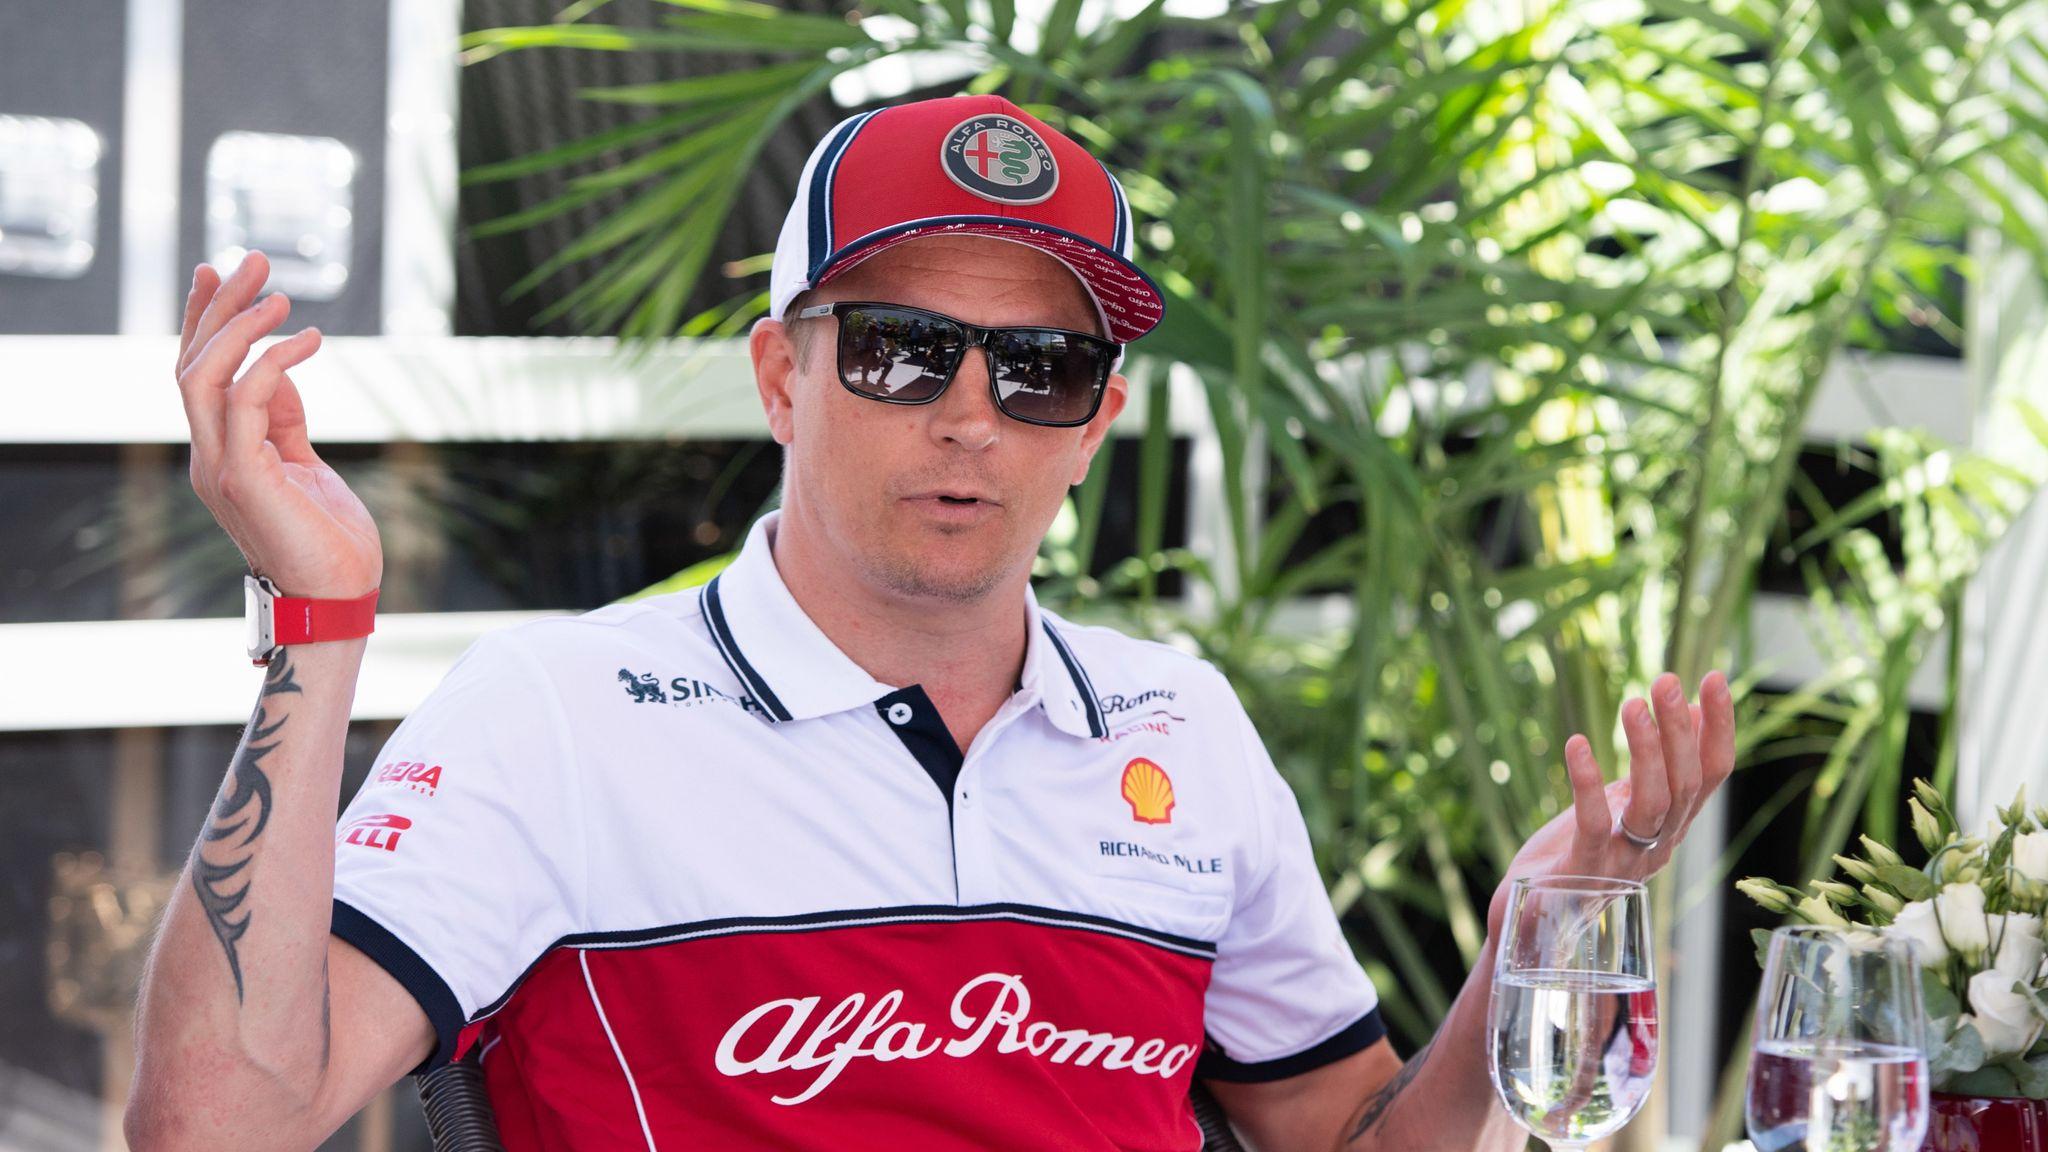 Kimi Raikkonen being Kimi Raikkonen: Watch classic moments